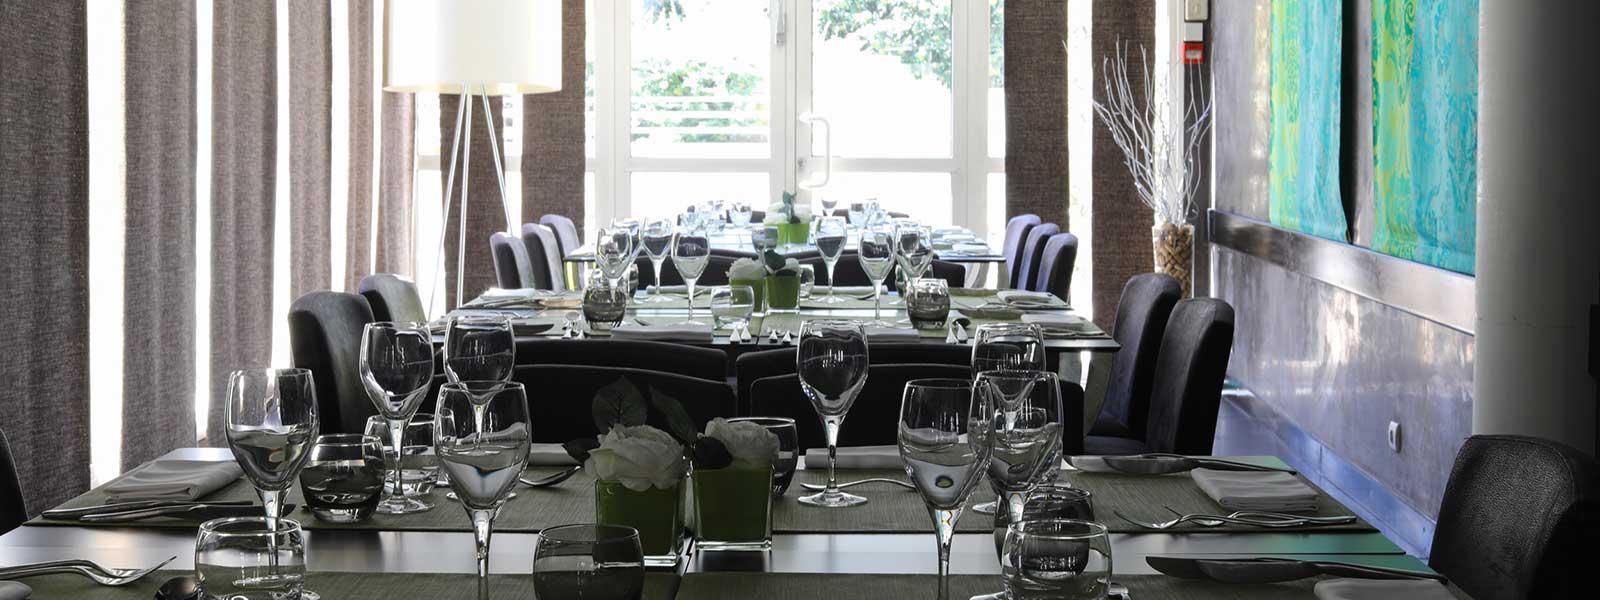 repas Restaurant Aix les Bains